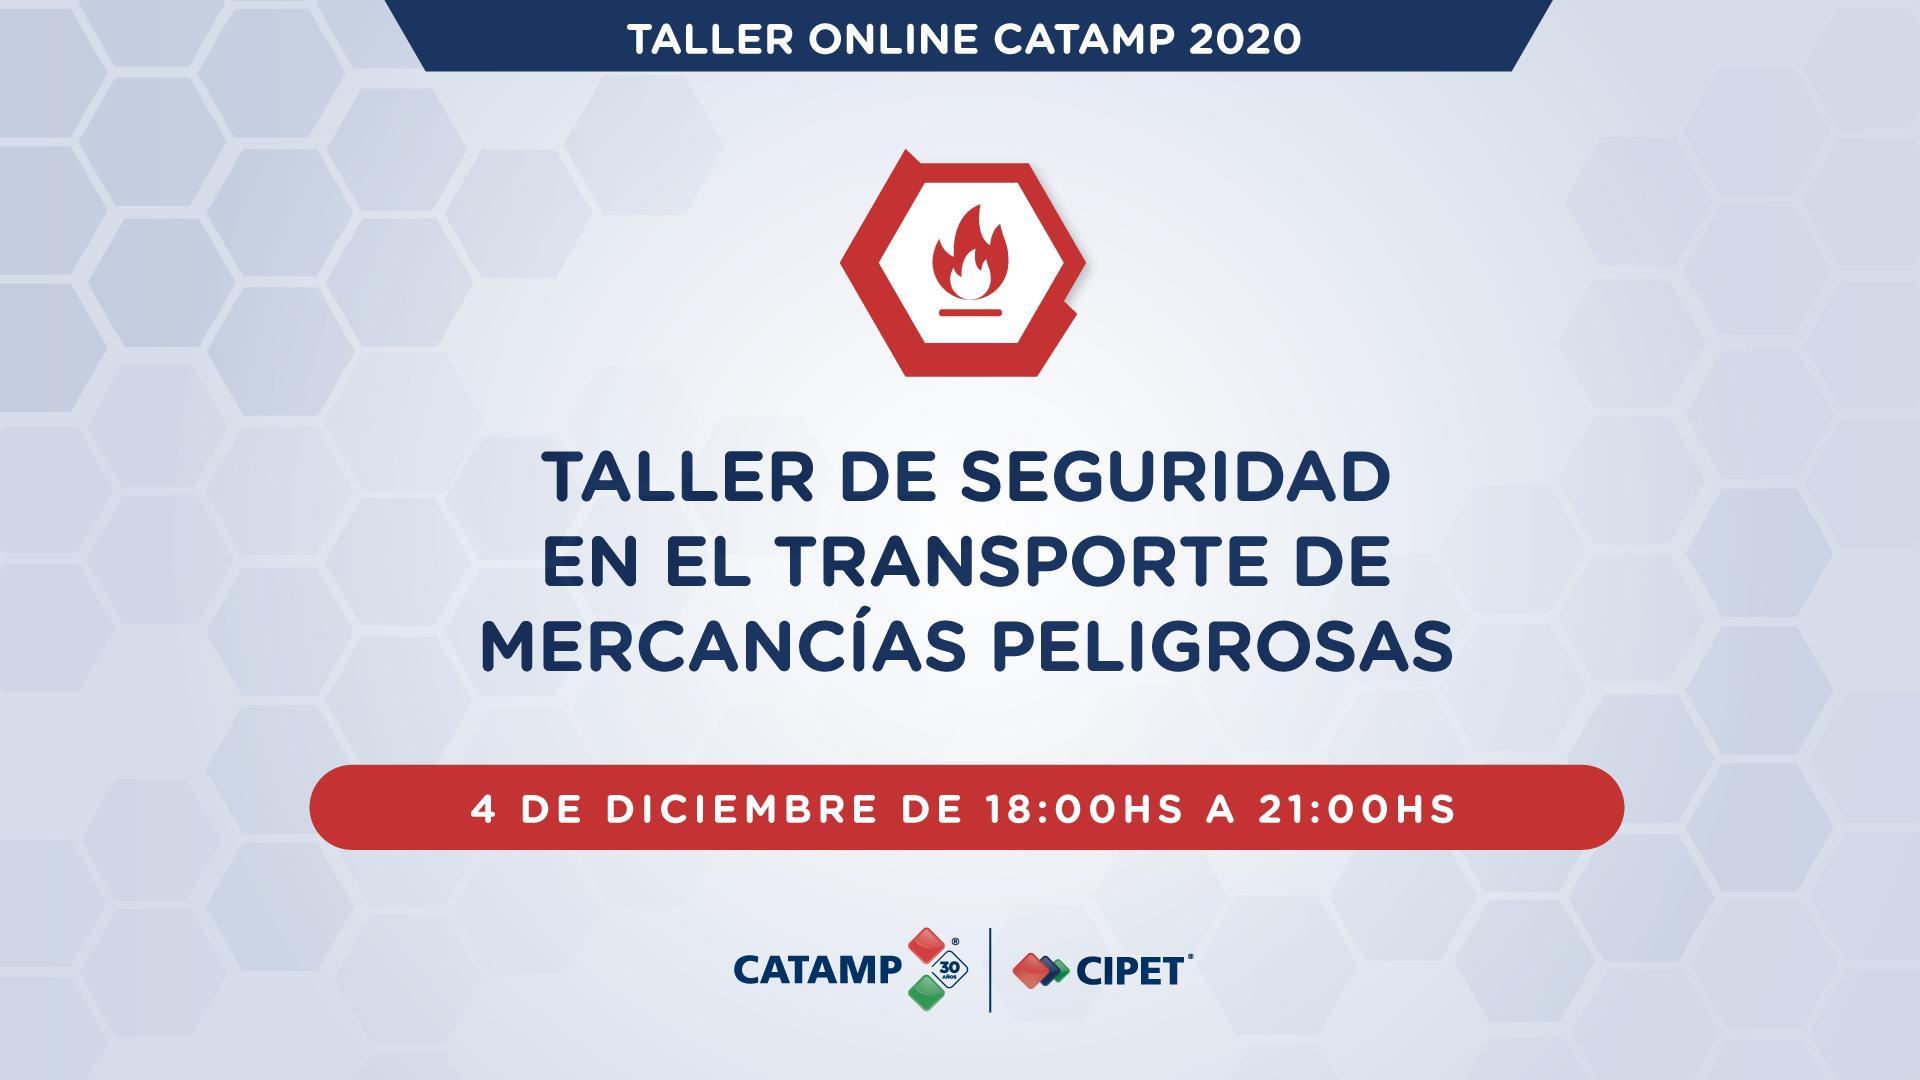 TALLER DE SEGURIDAD EN EL TRANSPORTE DE MERCANCÍAS PELIGROSAS